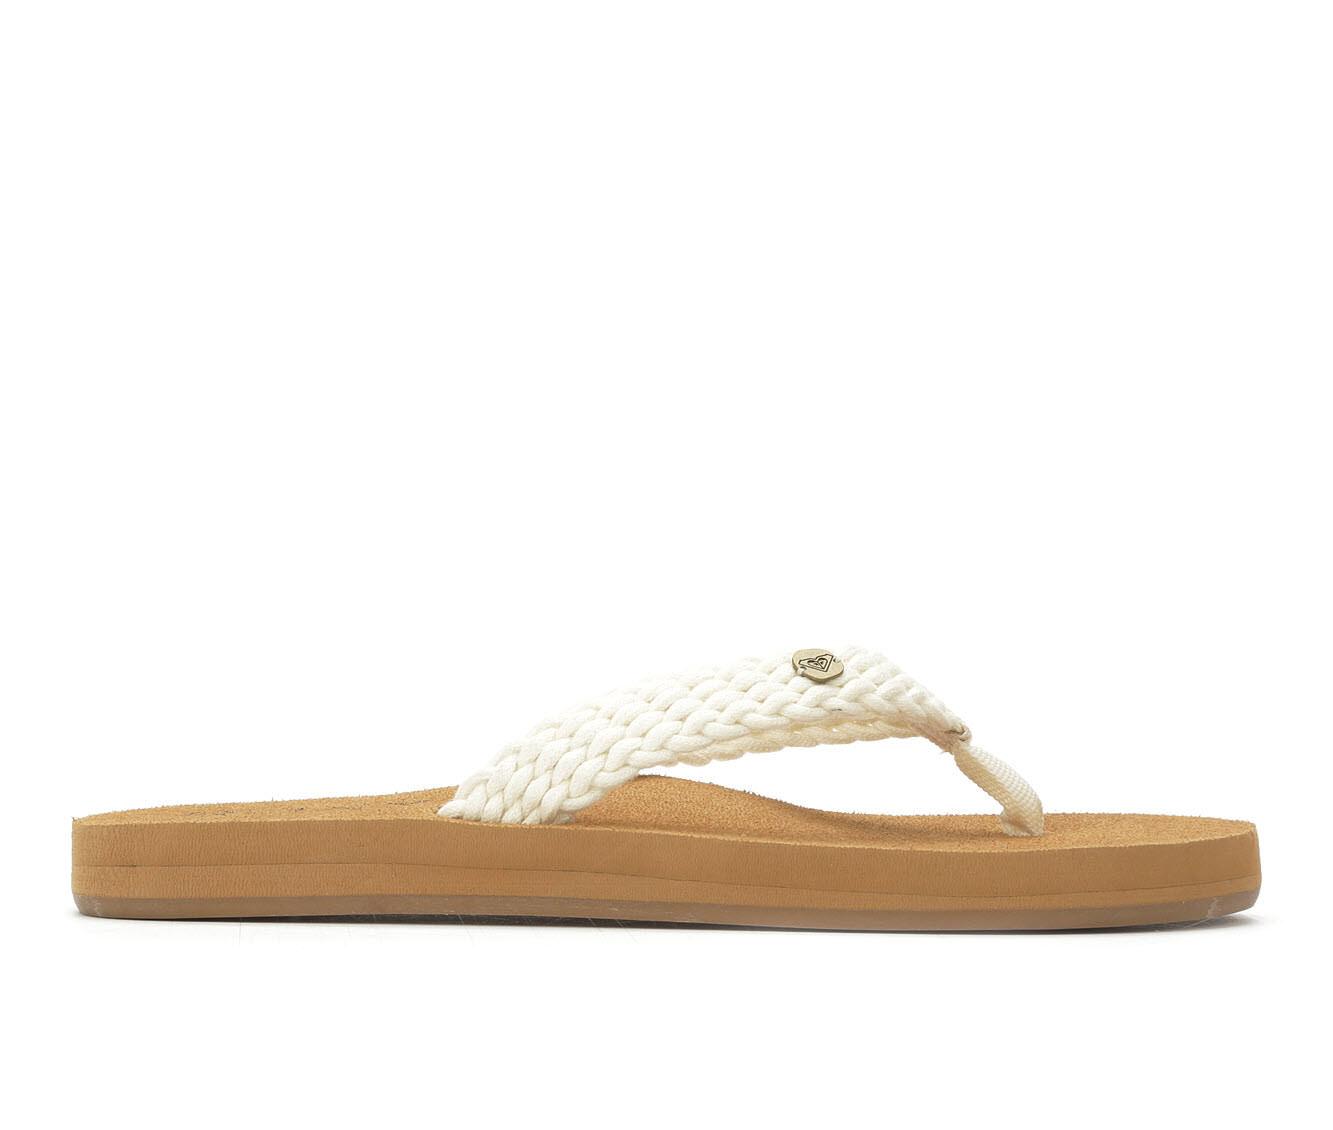 Women's Roxy Tidepool II Woven Flip-Flops Natural